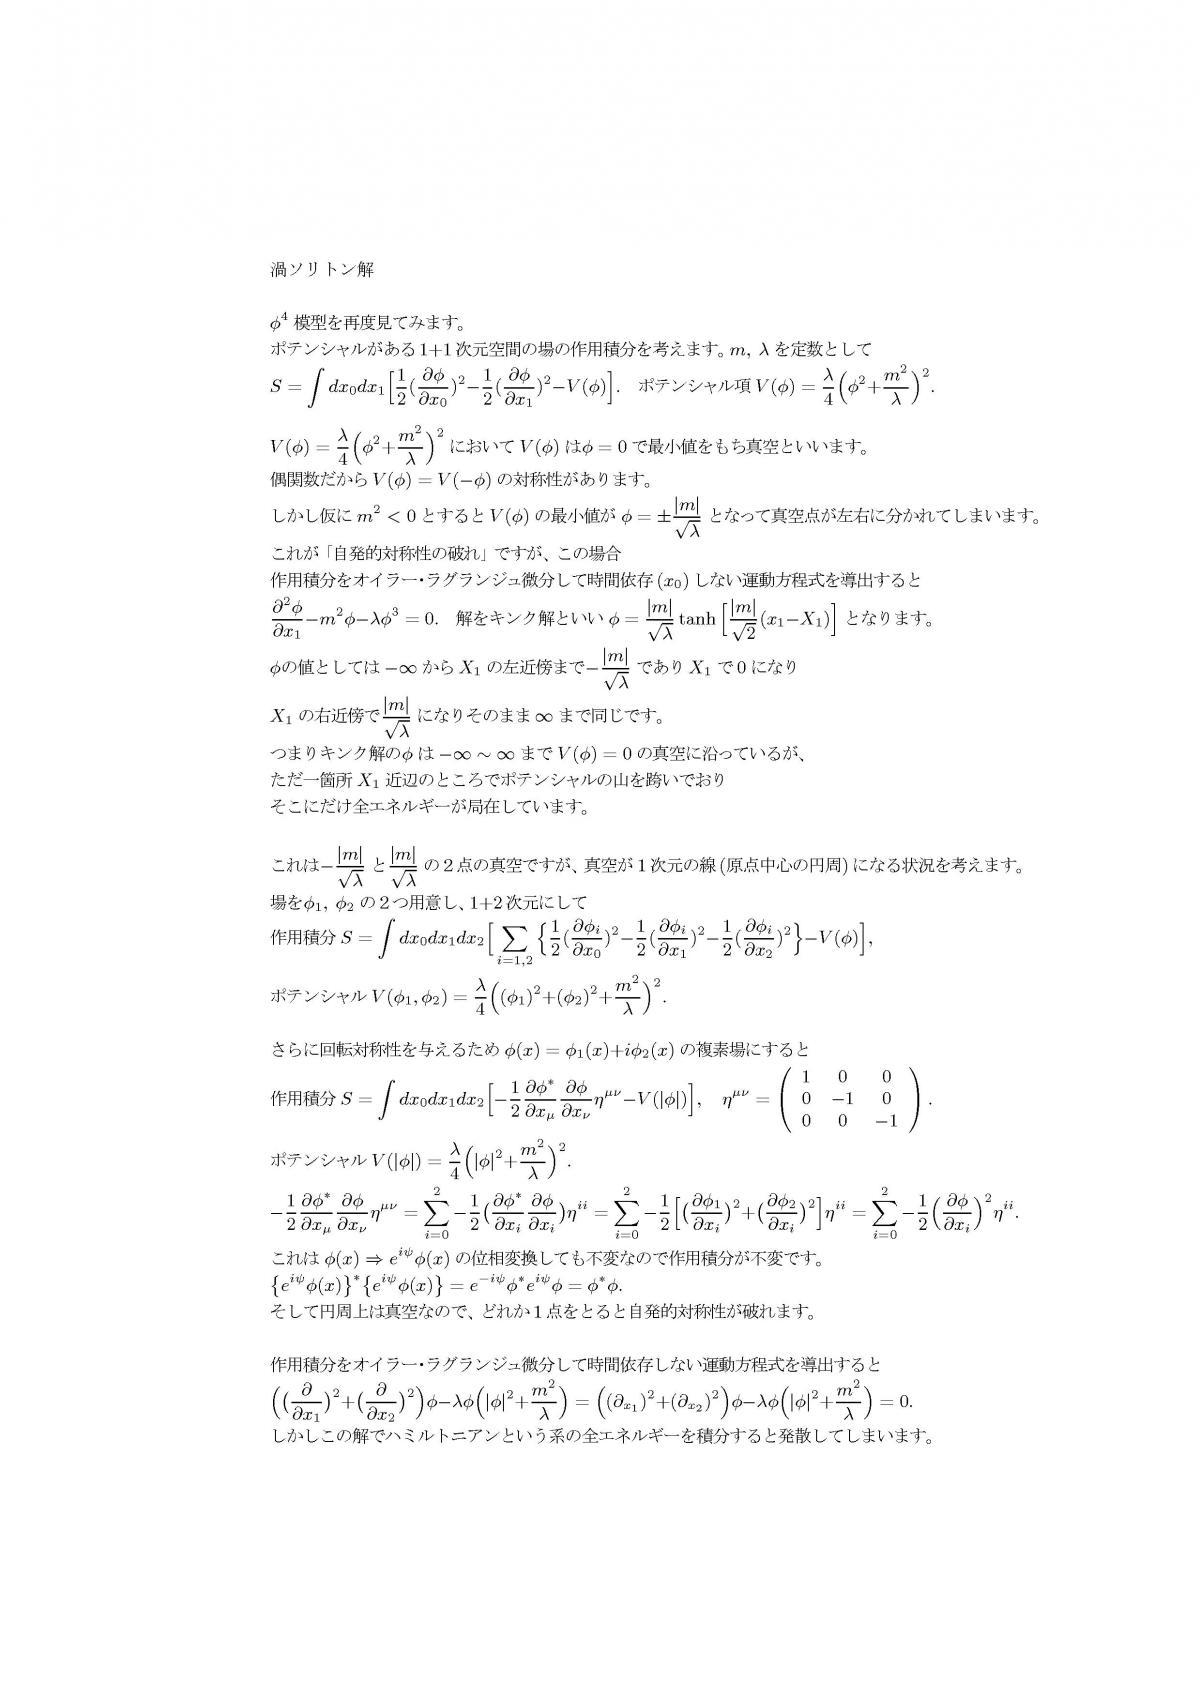 str07.jpg